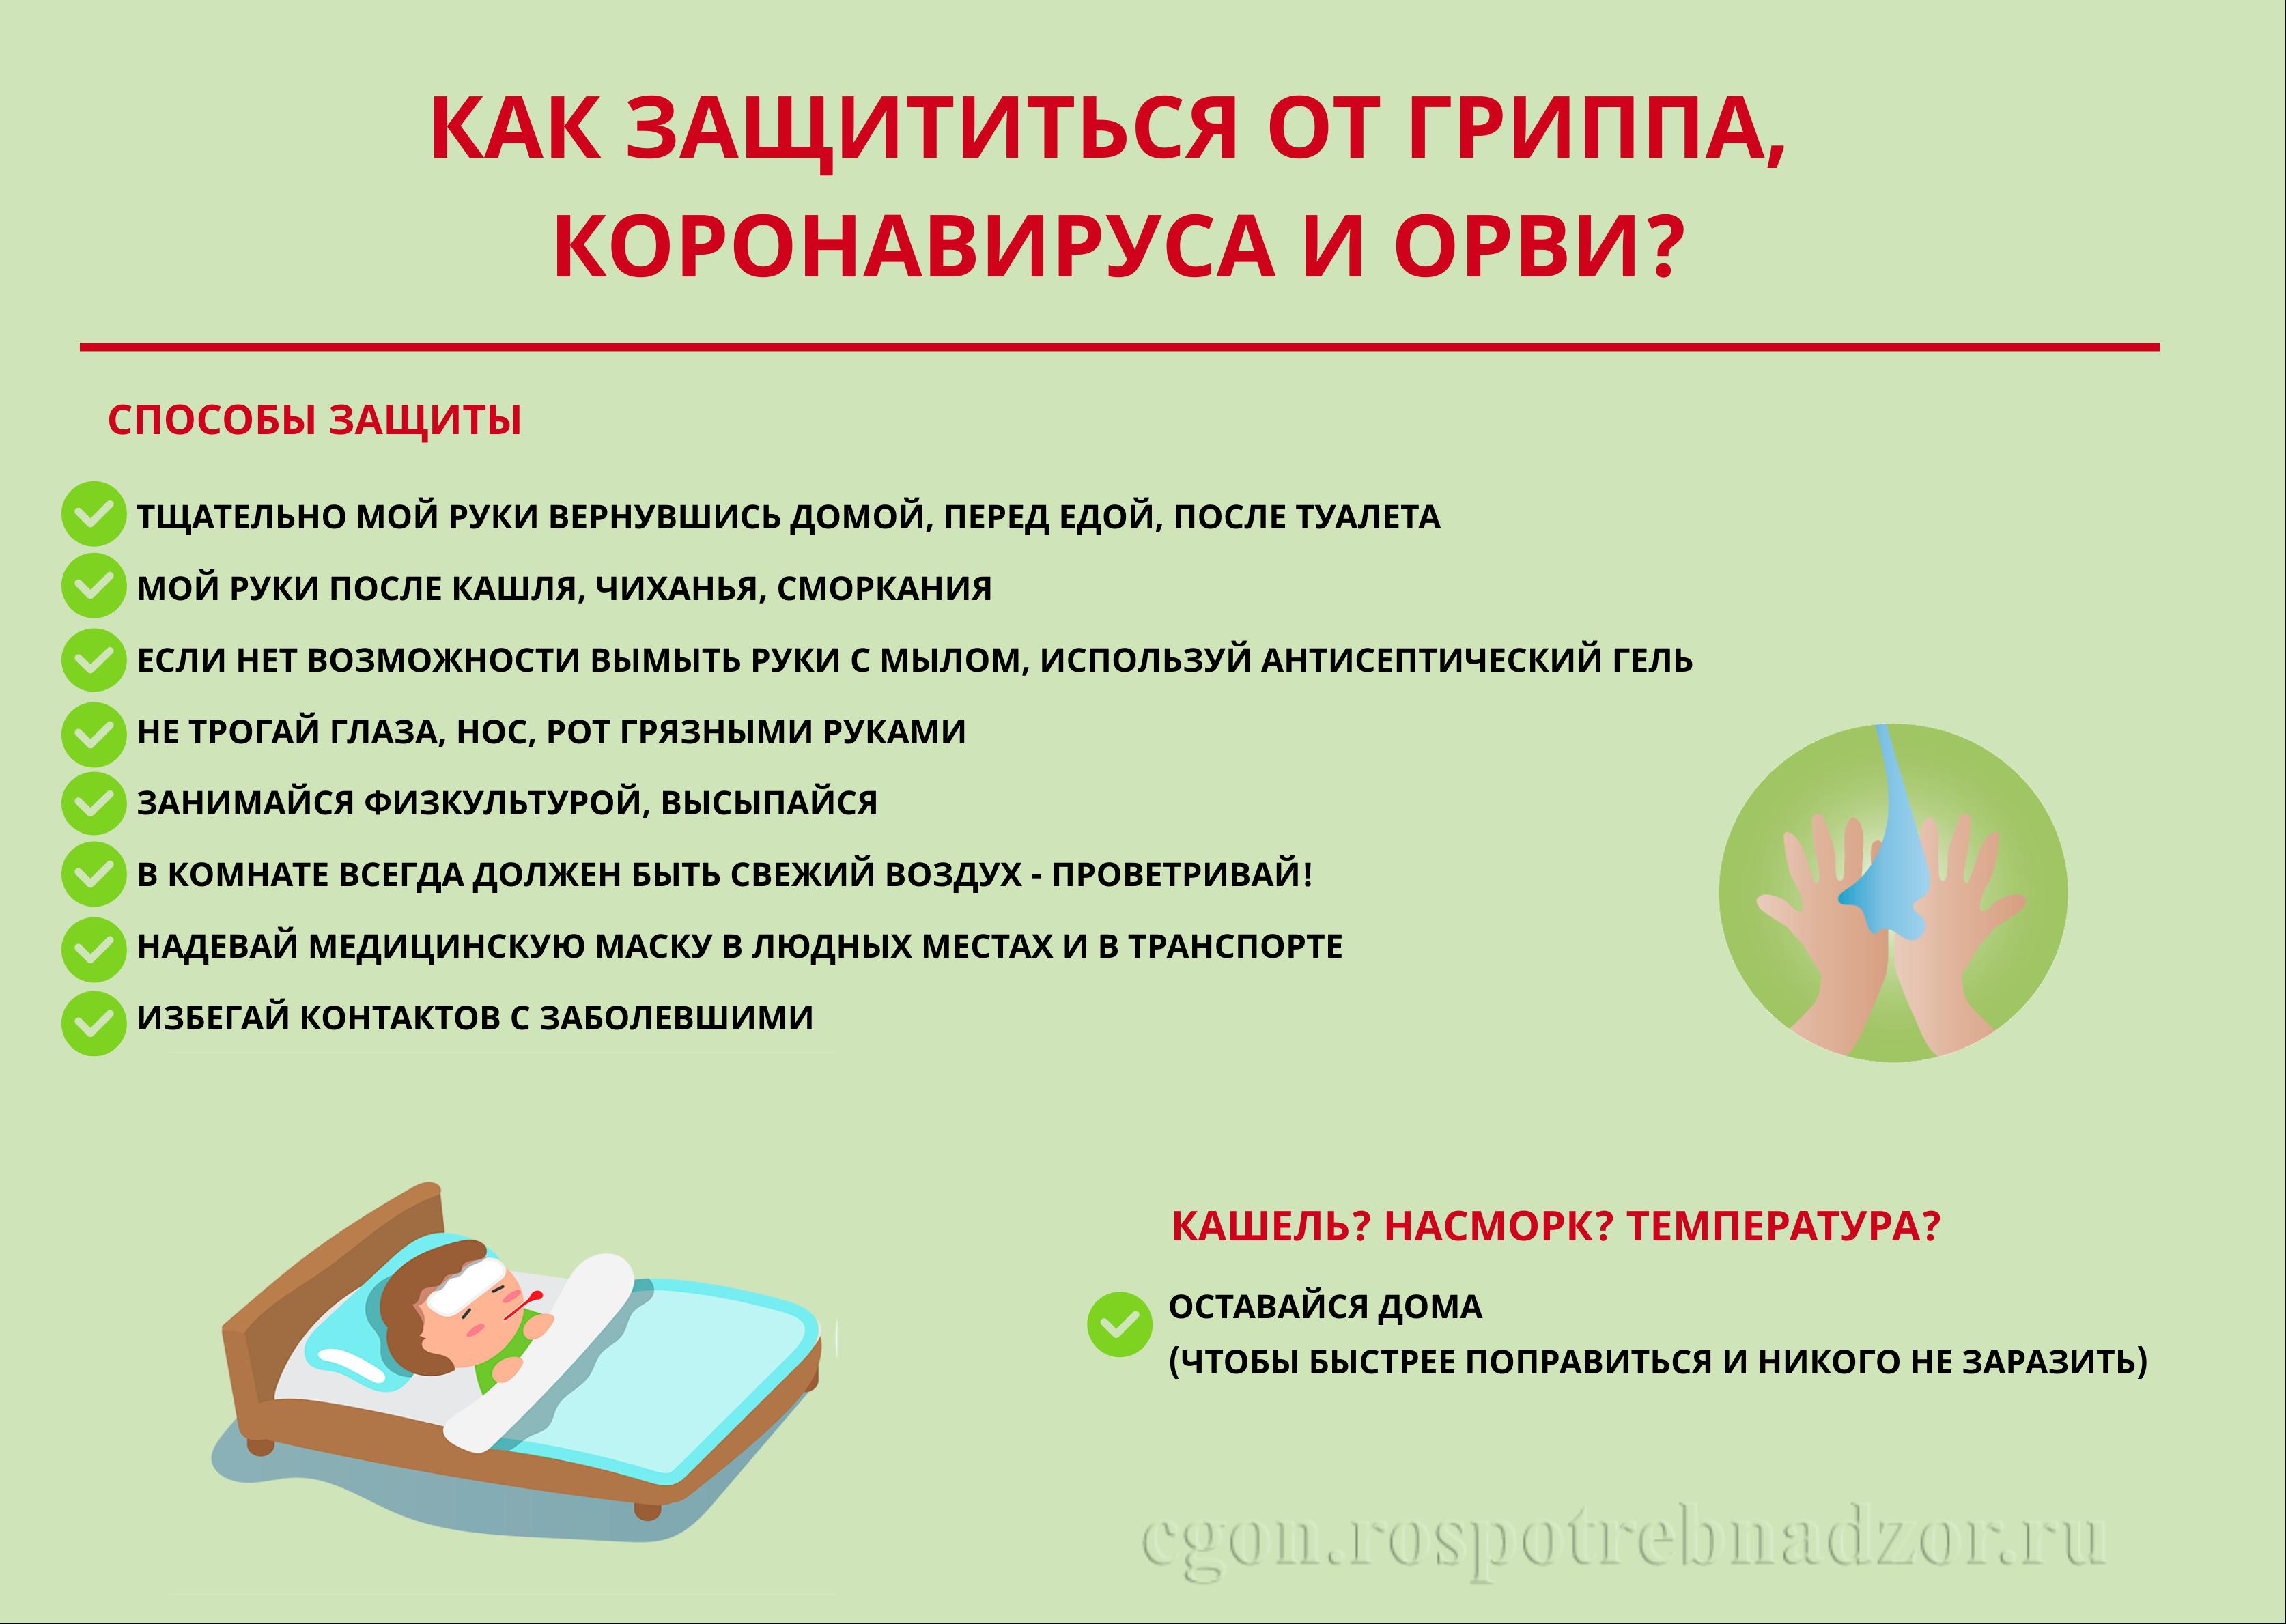 Коронавирус в москве. статистика заражений коронавирусом в москве. онлайн карта коронавируса в москве